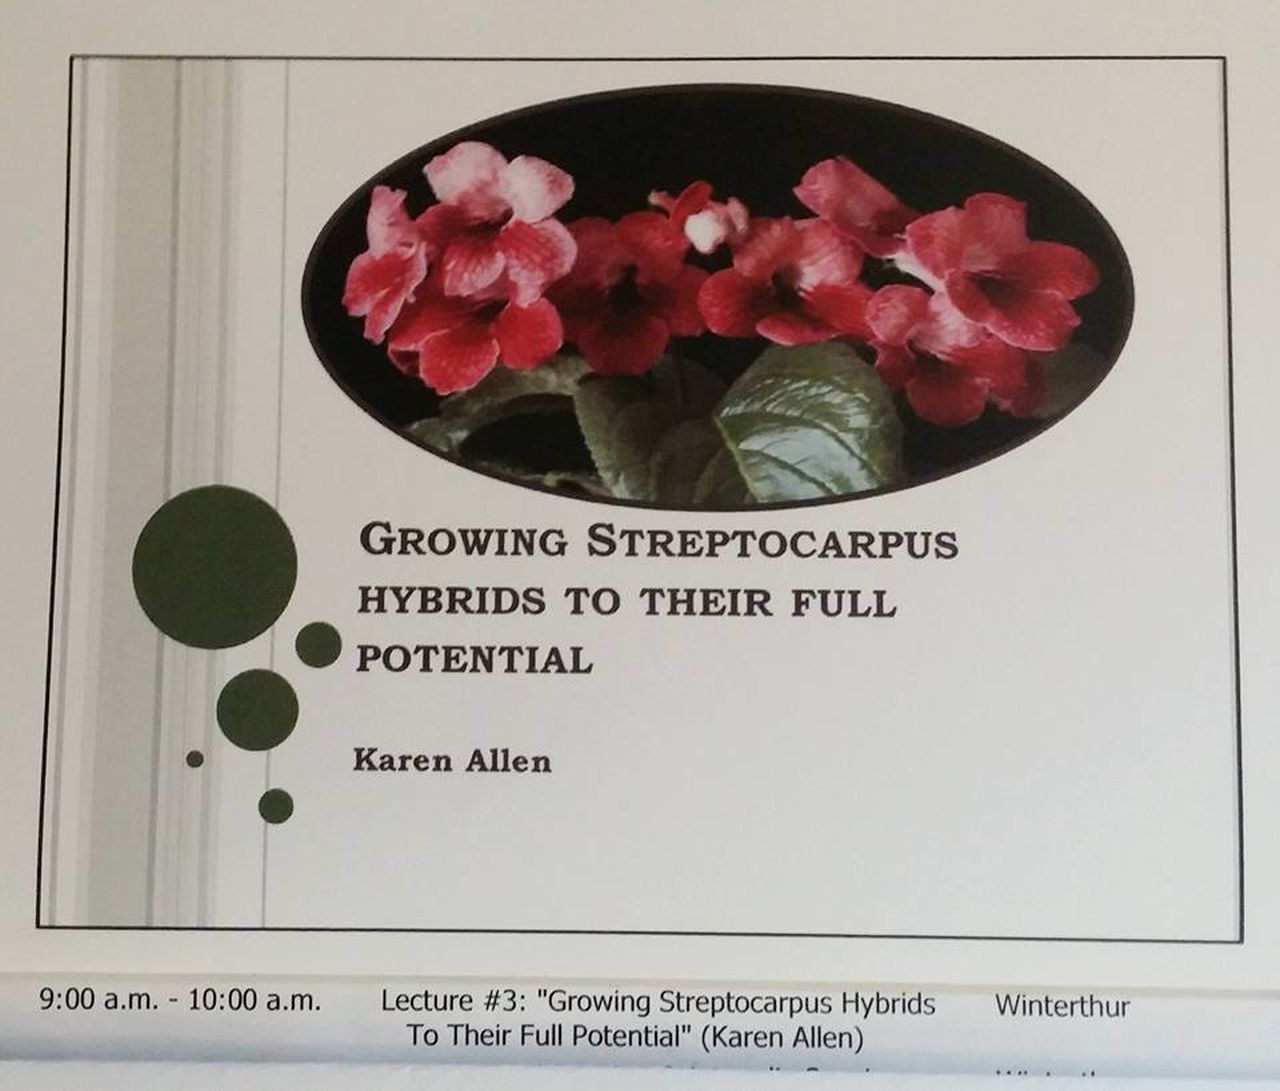 The Streptocarpus presentation by Karen Allen